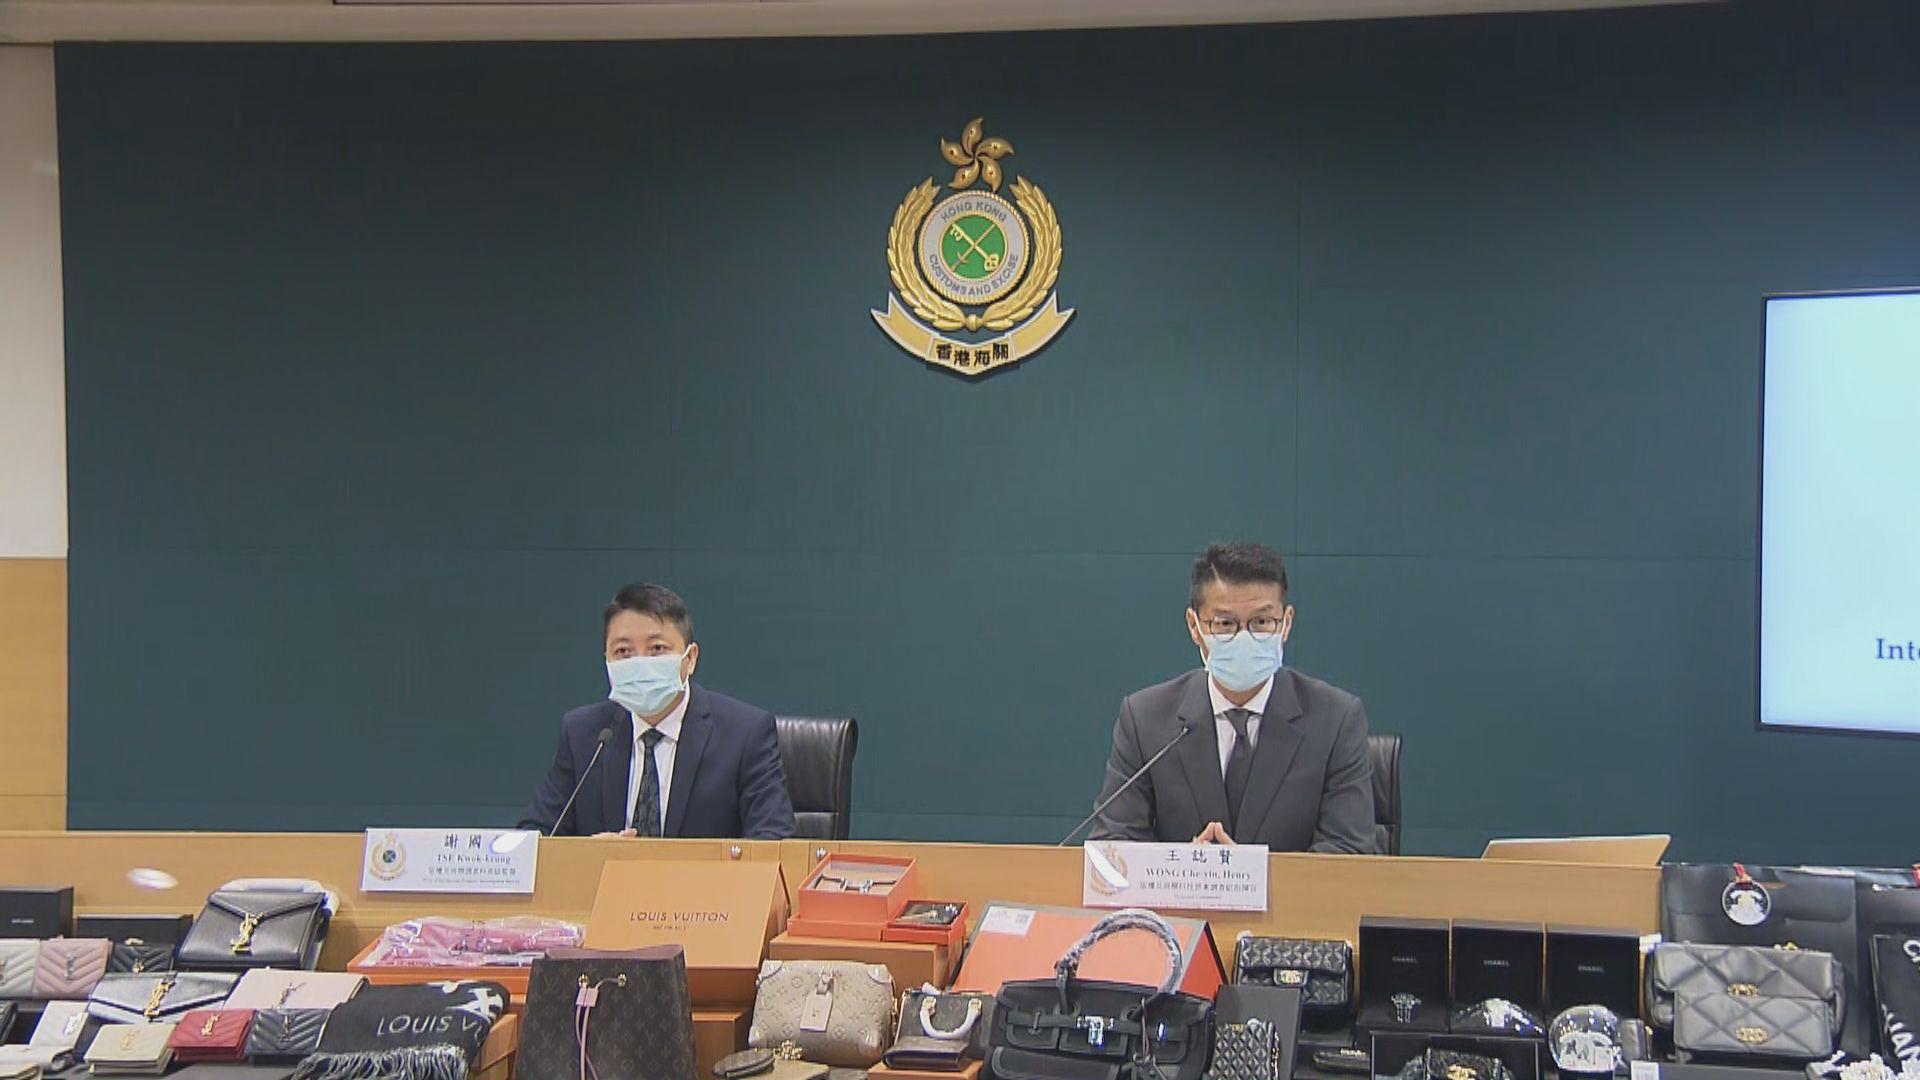 海關檢獲約180萬元網上冒牌貨拘22人 涉17個社交媒體專頁